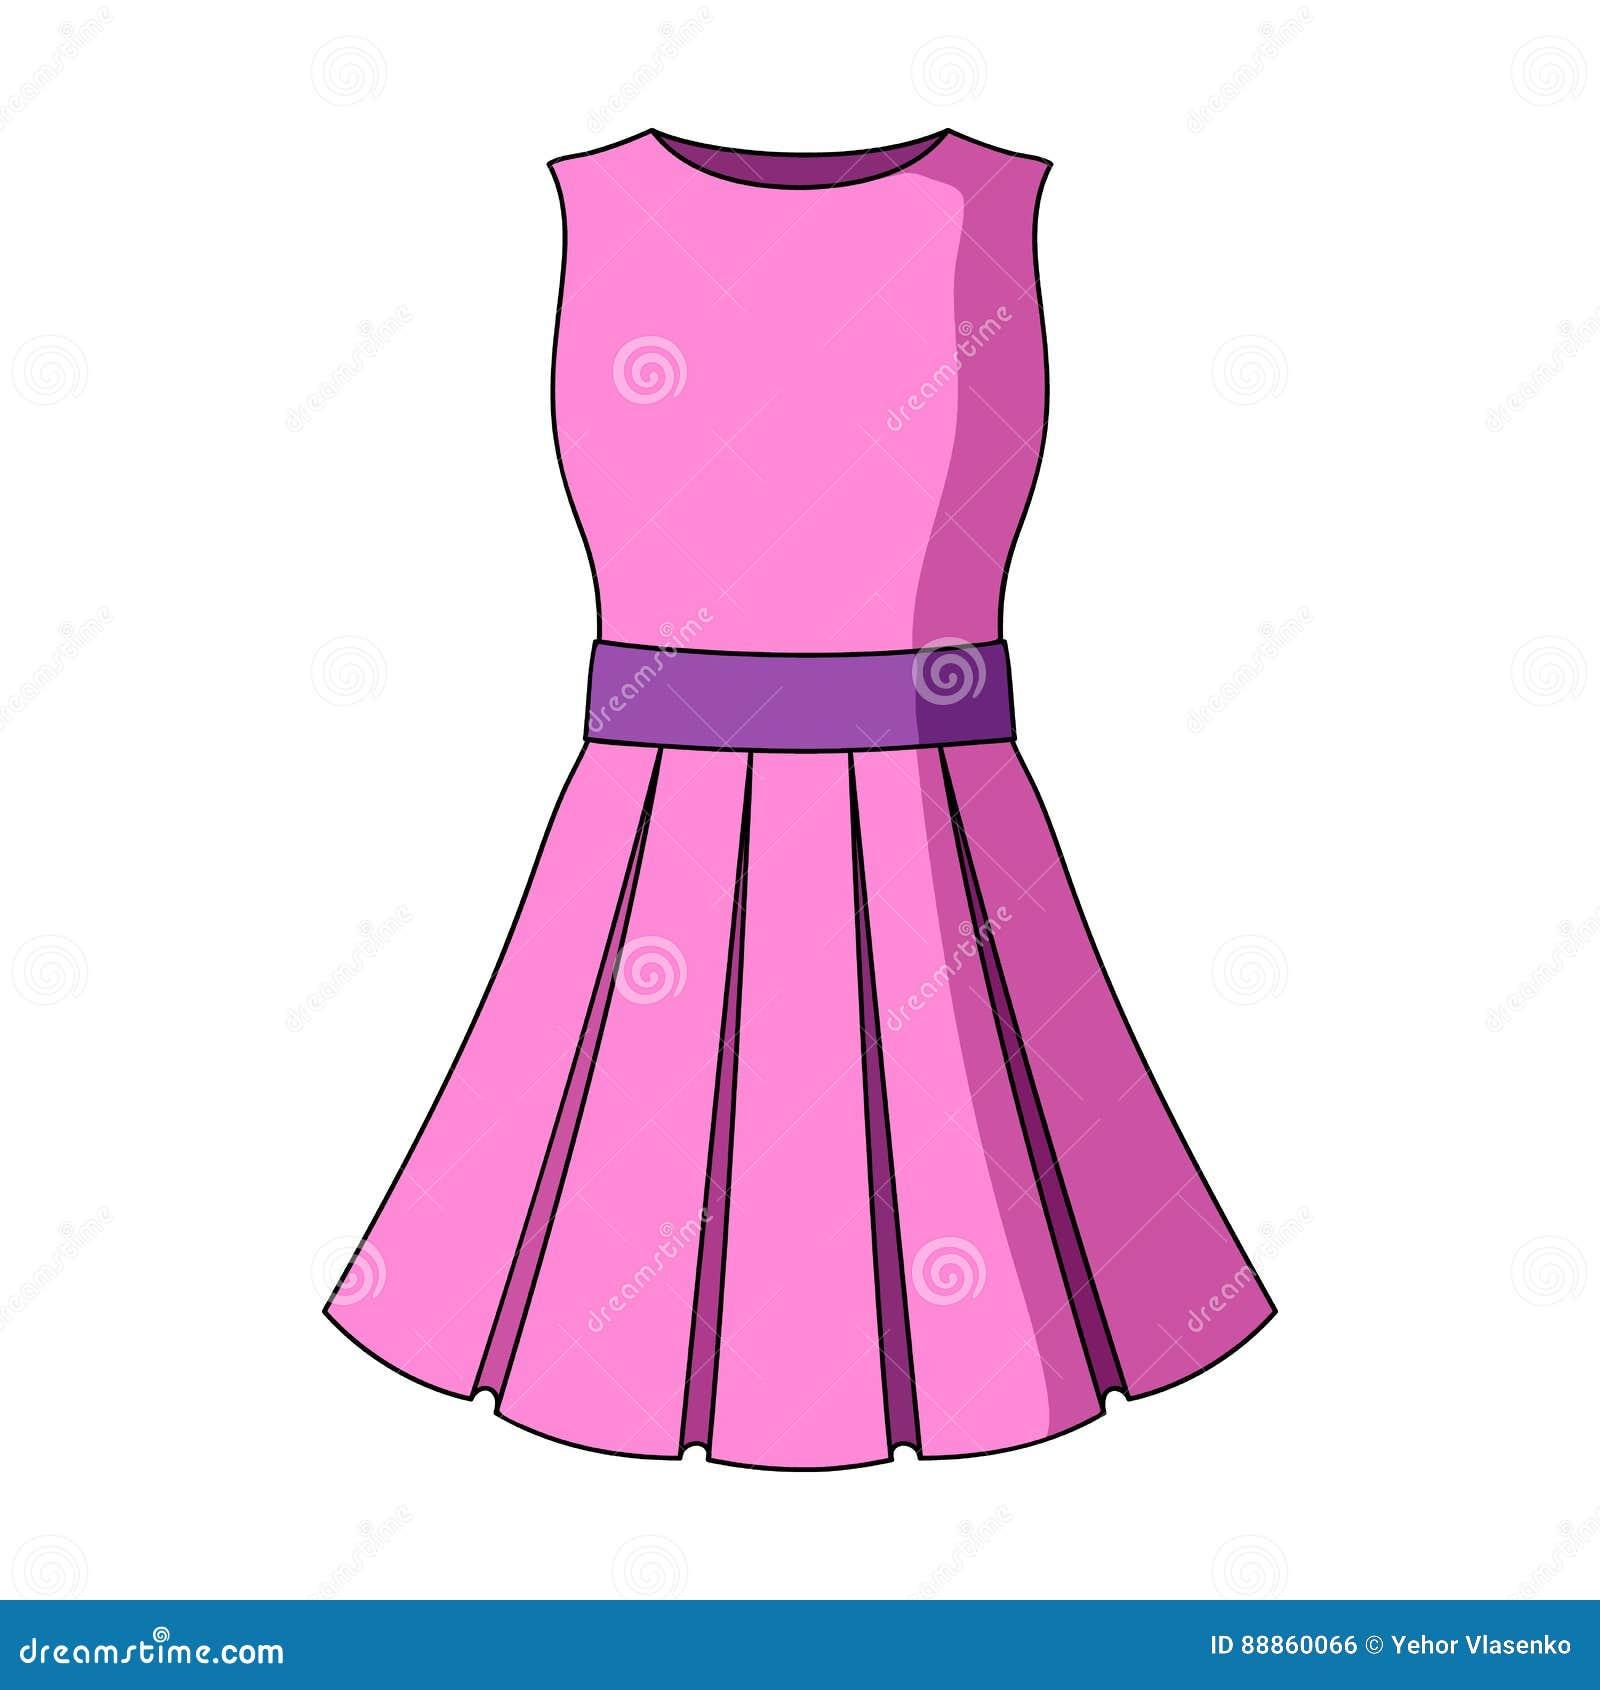 schönes hellrosa sommerkleid ohne Ärmel kleidung für eine